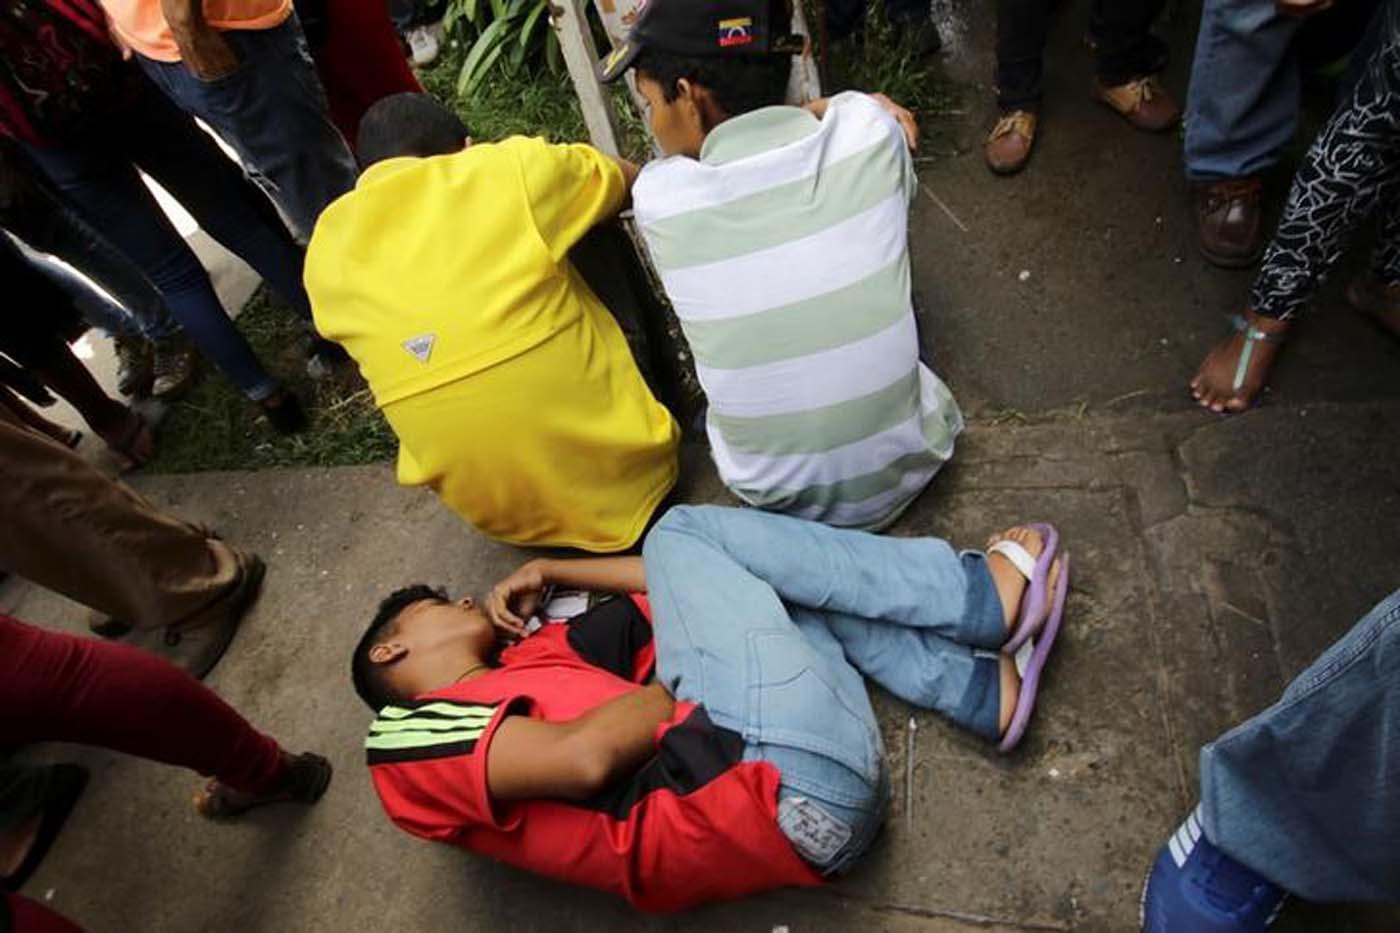 Un joven se encuentra en el piso afuera de un centro de salud mientras espera recibir tratamiento para la malaria, en San Félix, Venezuela, el 3 de noviembre de 2017. Foto tomada el 3 de noviembre de 2017. REUTERS / William Urdaneta